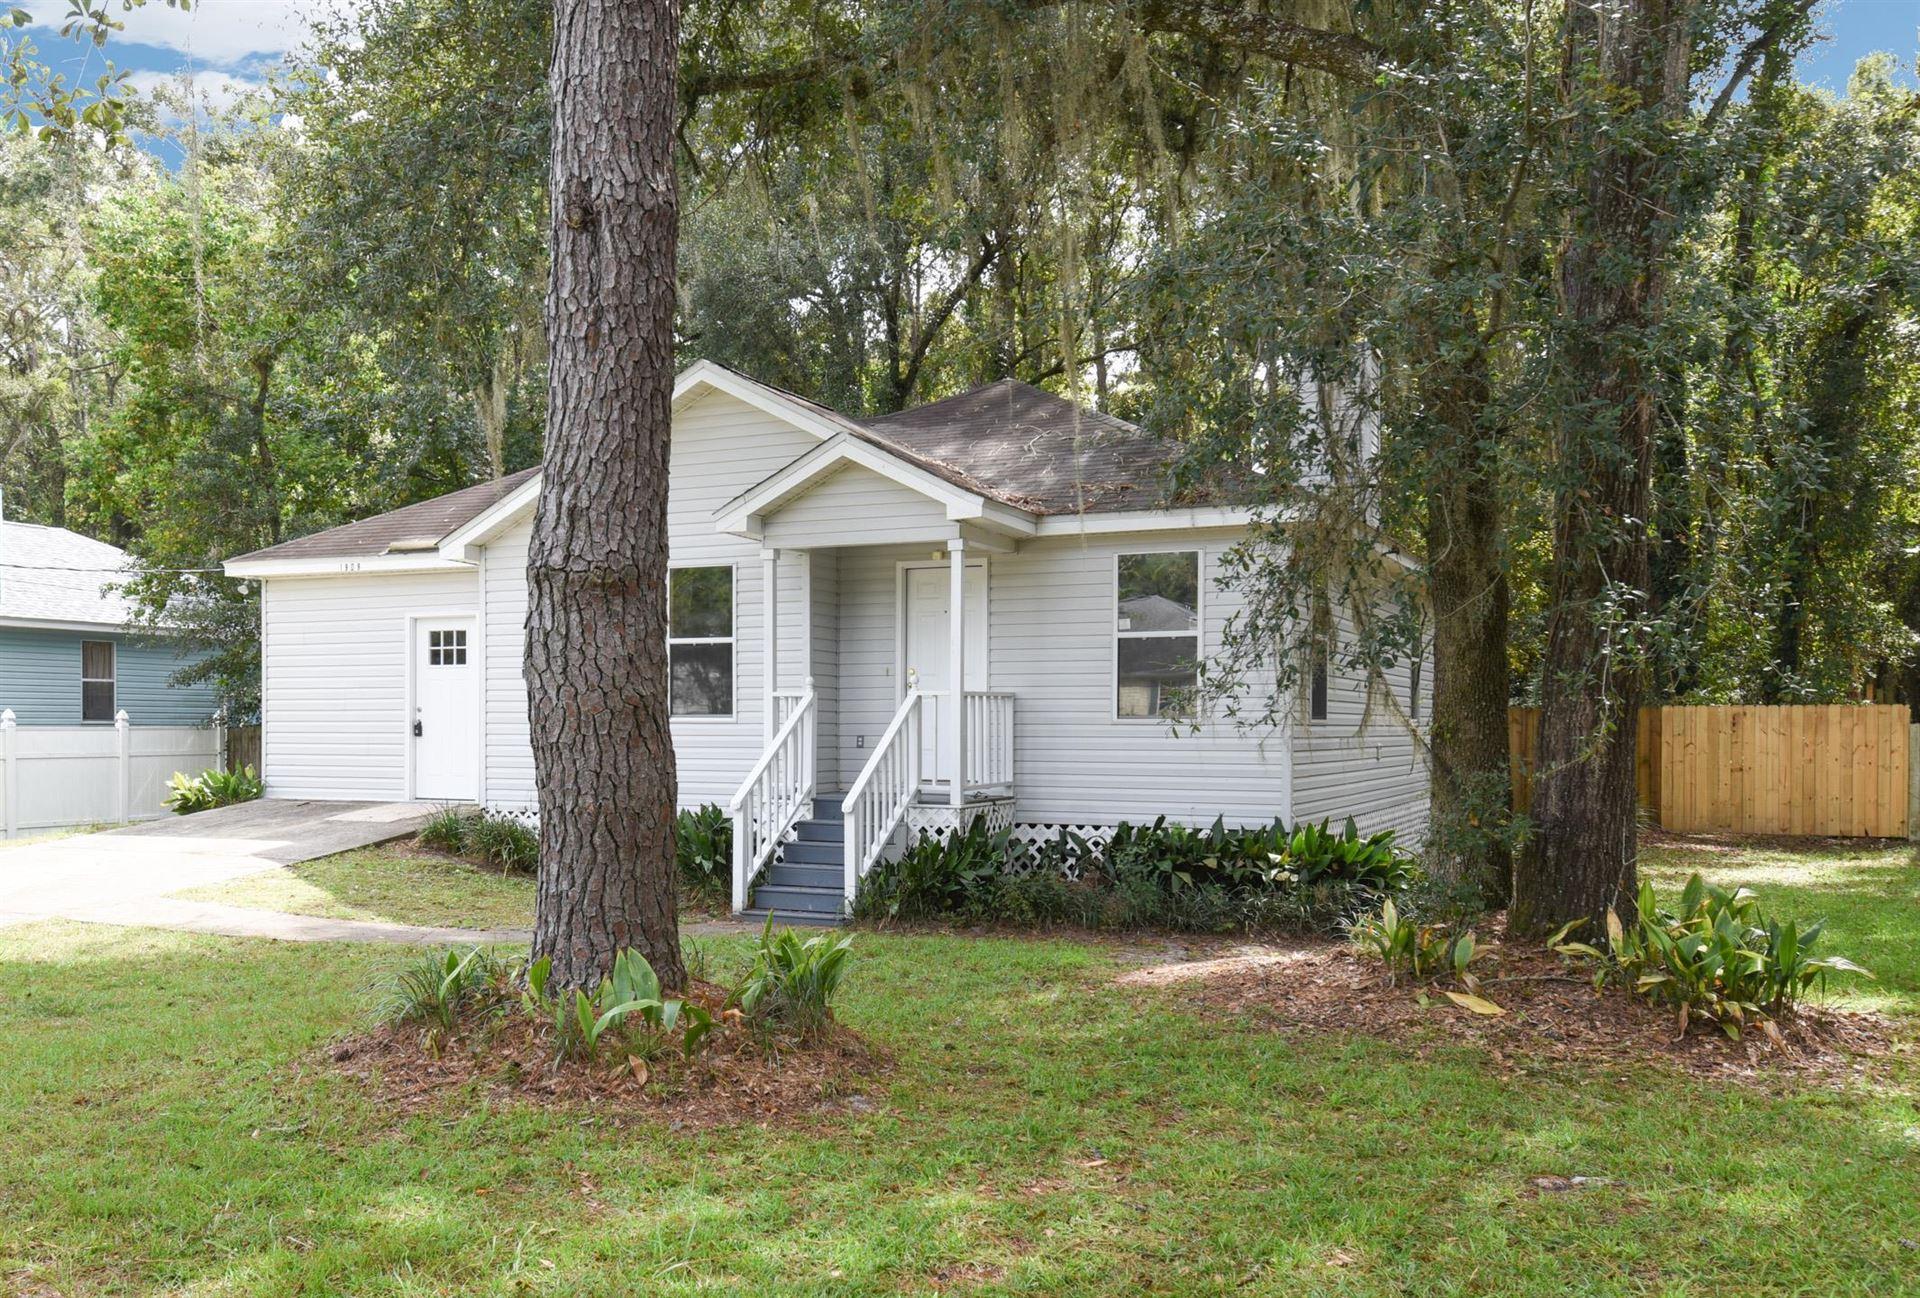 Photo of 1909 Longview Drive, TALLAHASSEE, FL 32303 (MLS # 338050)